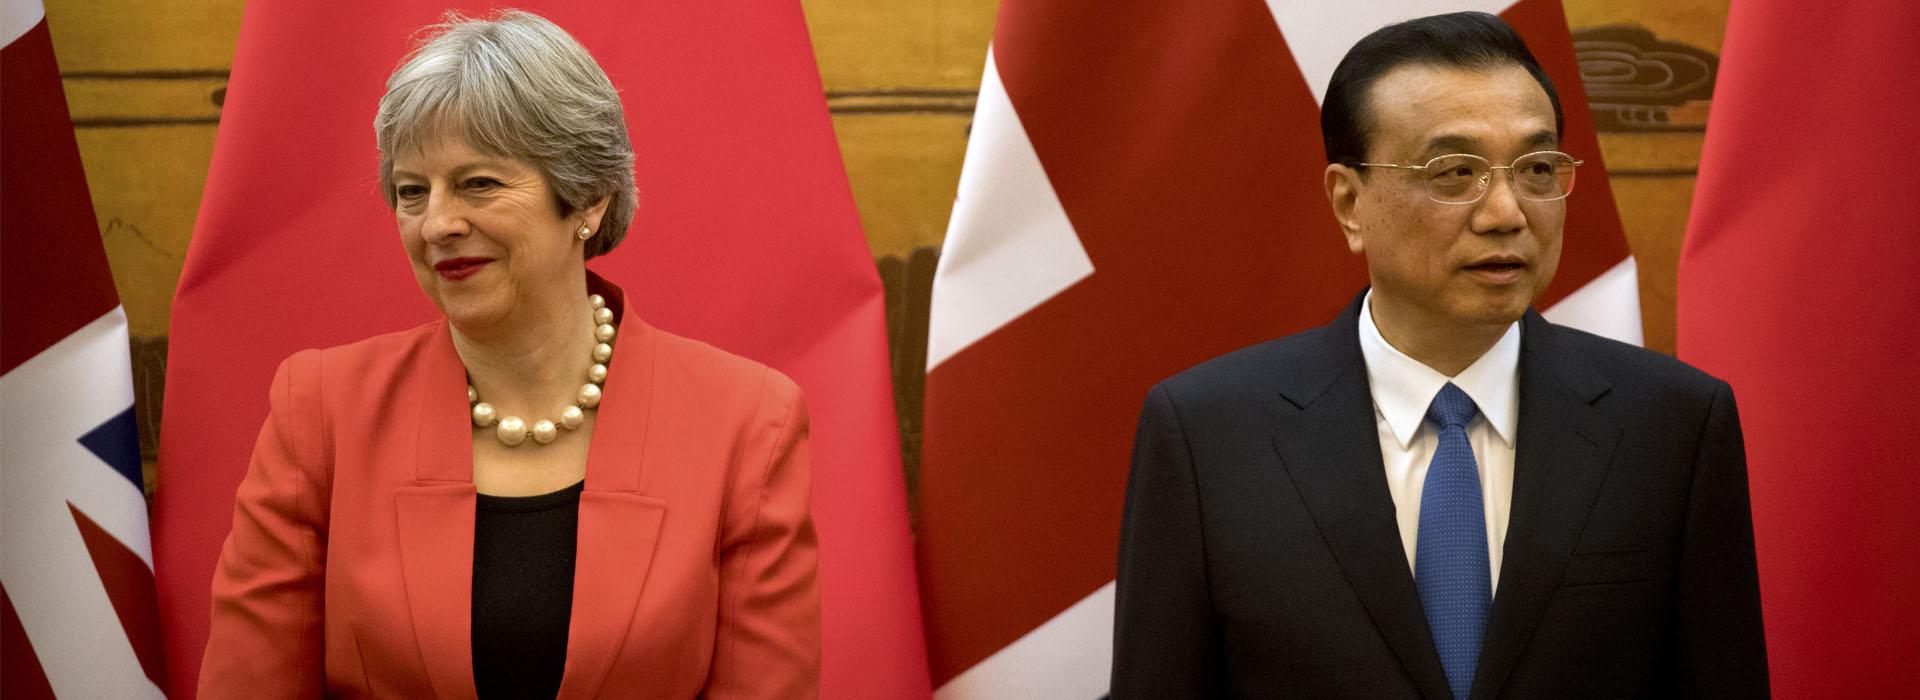 中英關係的春天  能拯救脫歐後英國經濟的冬天嗎?